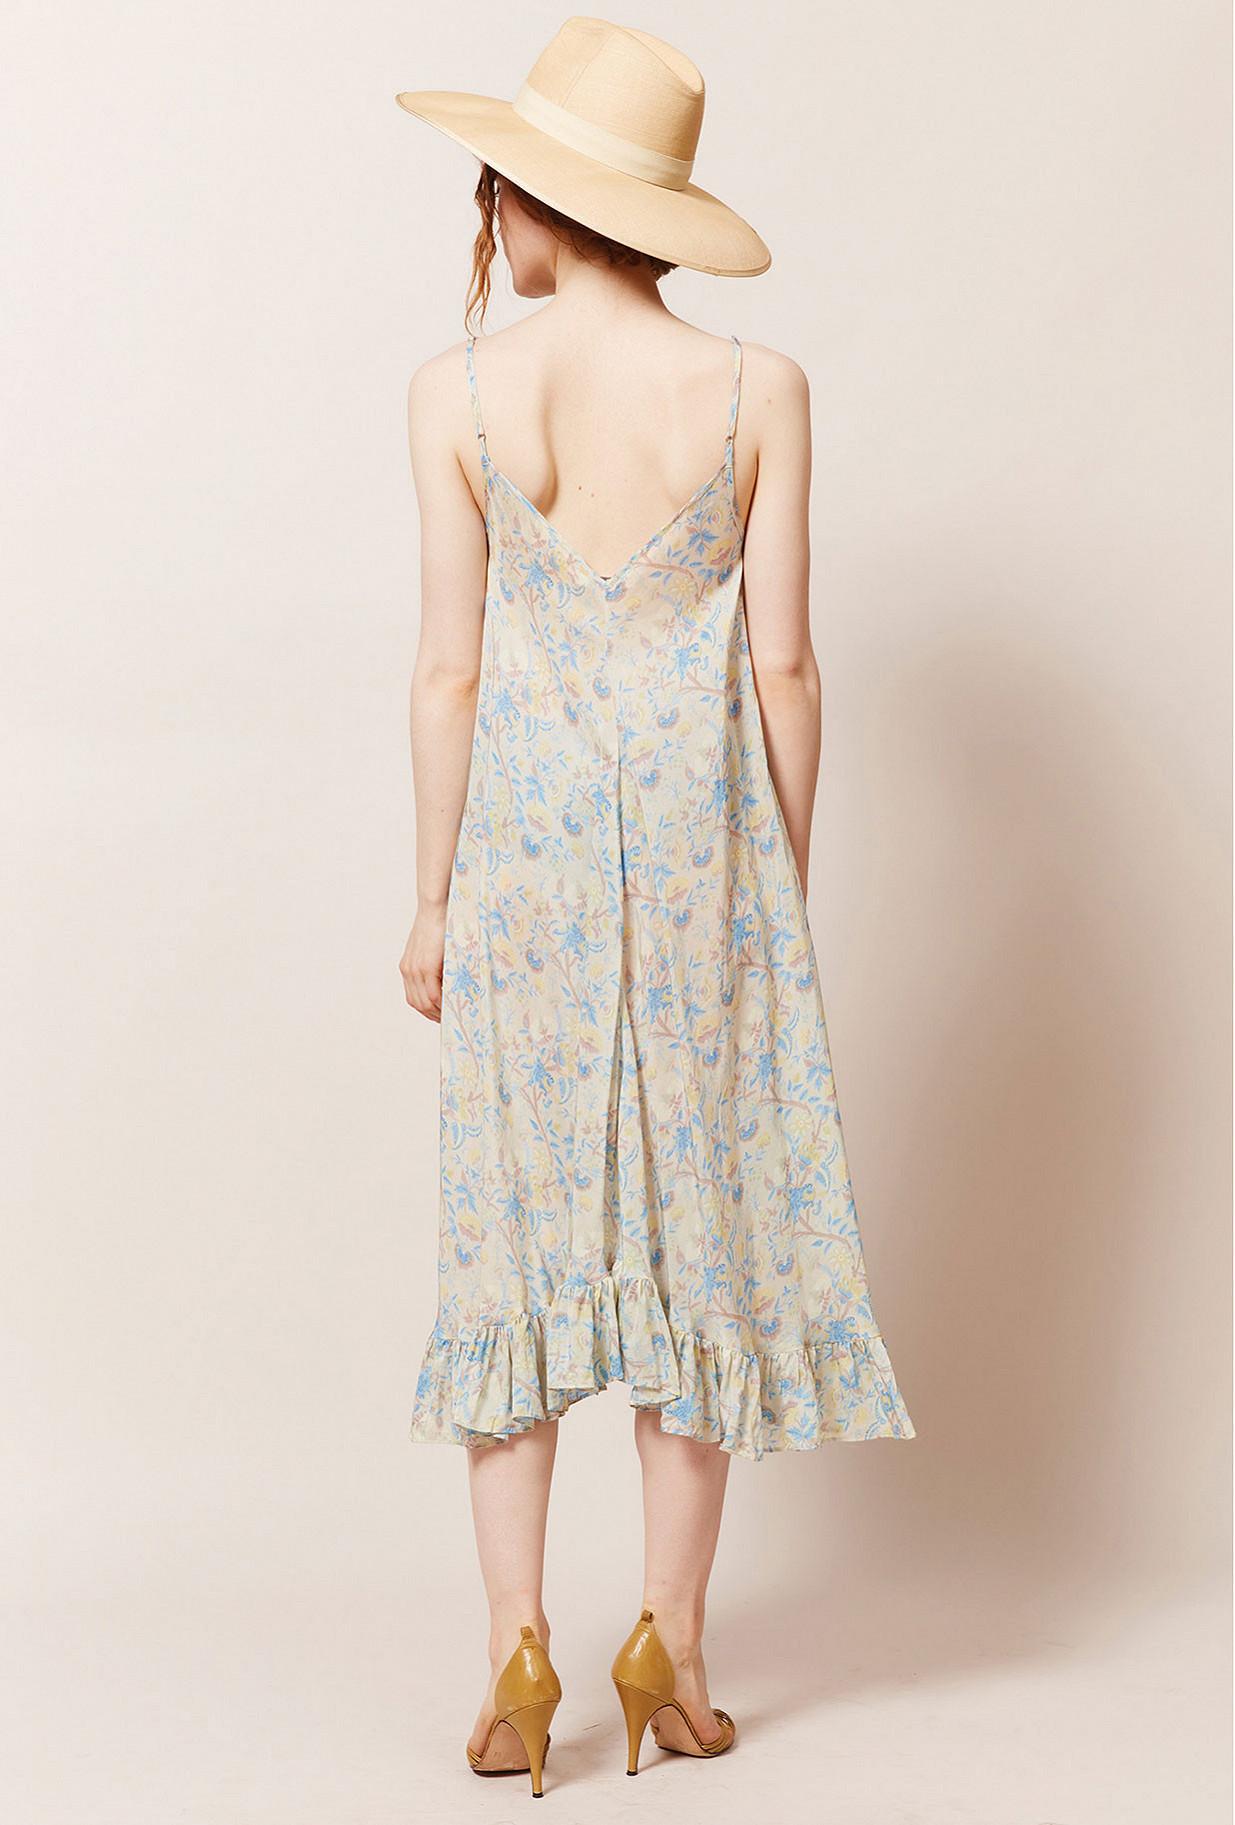 Robe Imprimé fleuri  Sulfate mes demoiselles paris vêtement femme paris